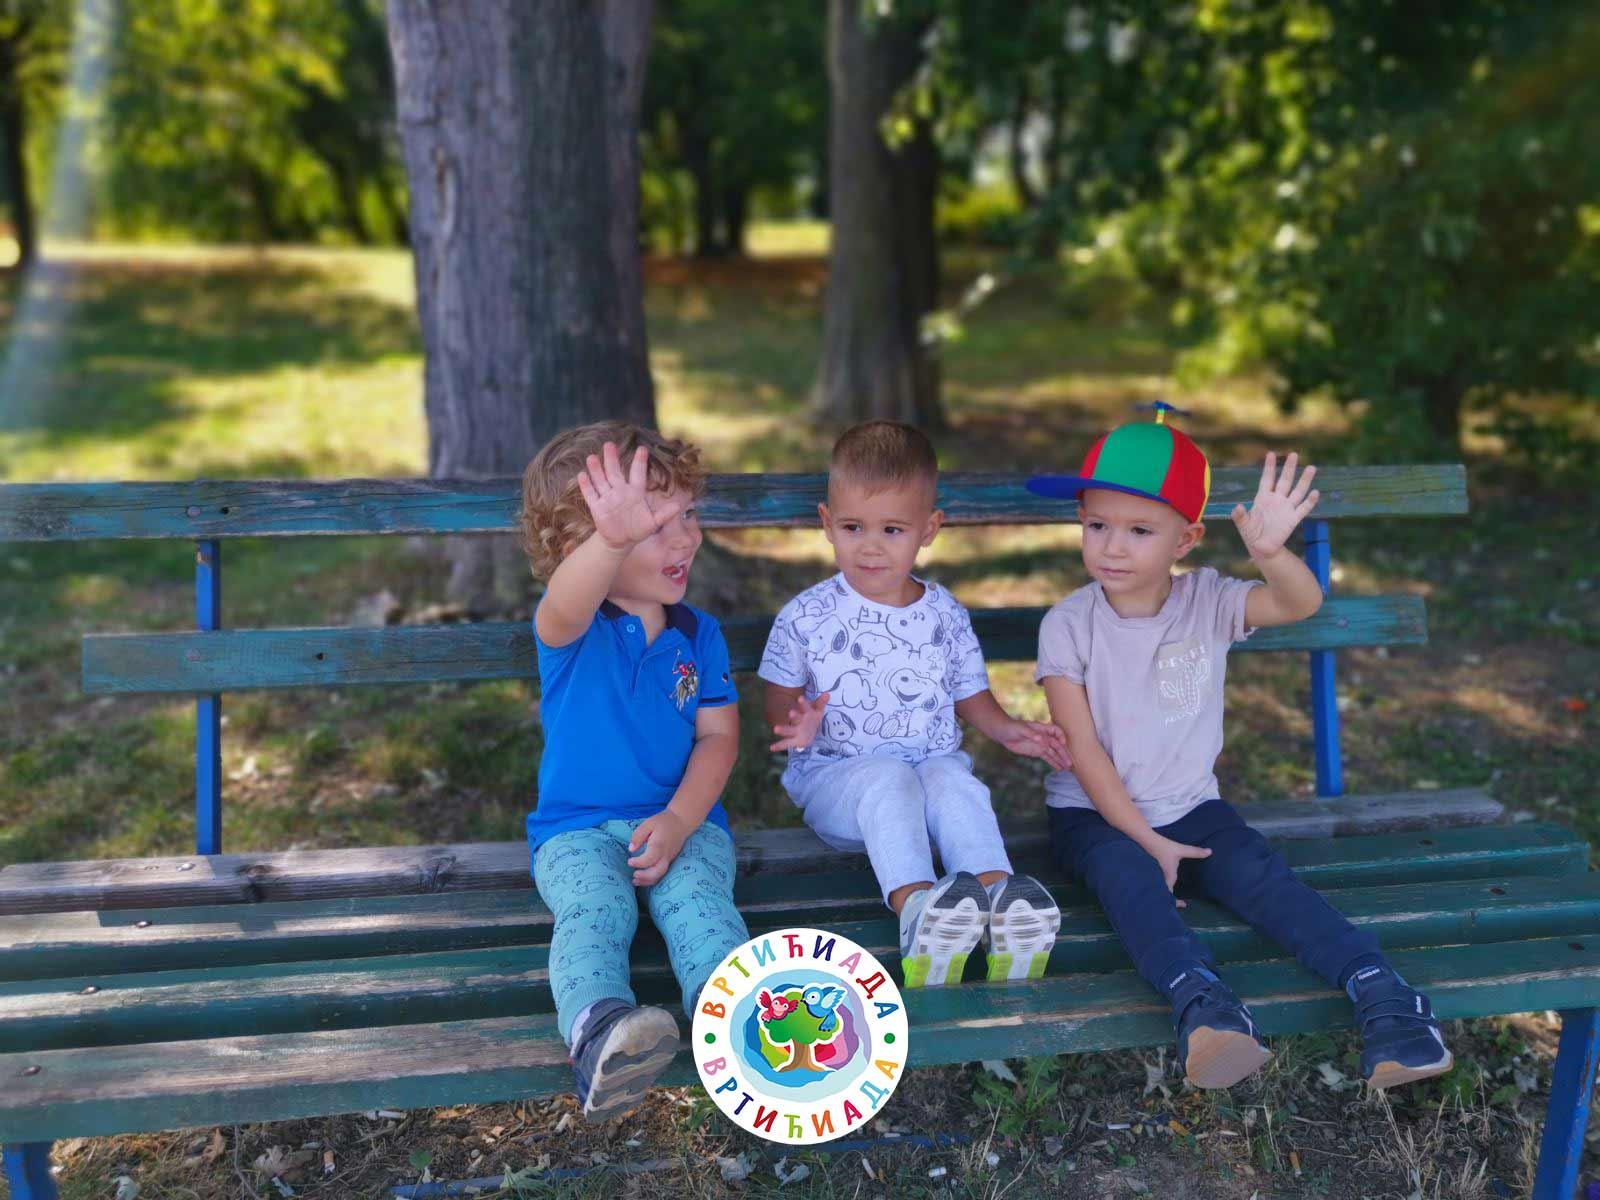 vrtićiada kao centar decijih aktivnosti